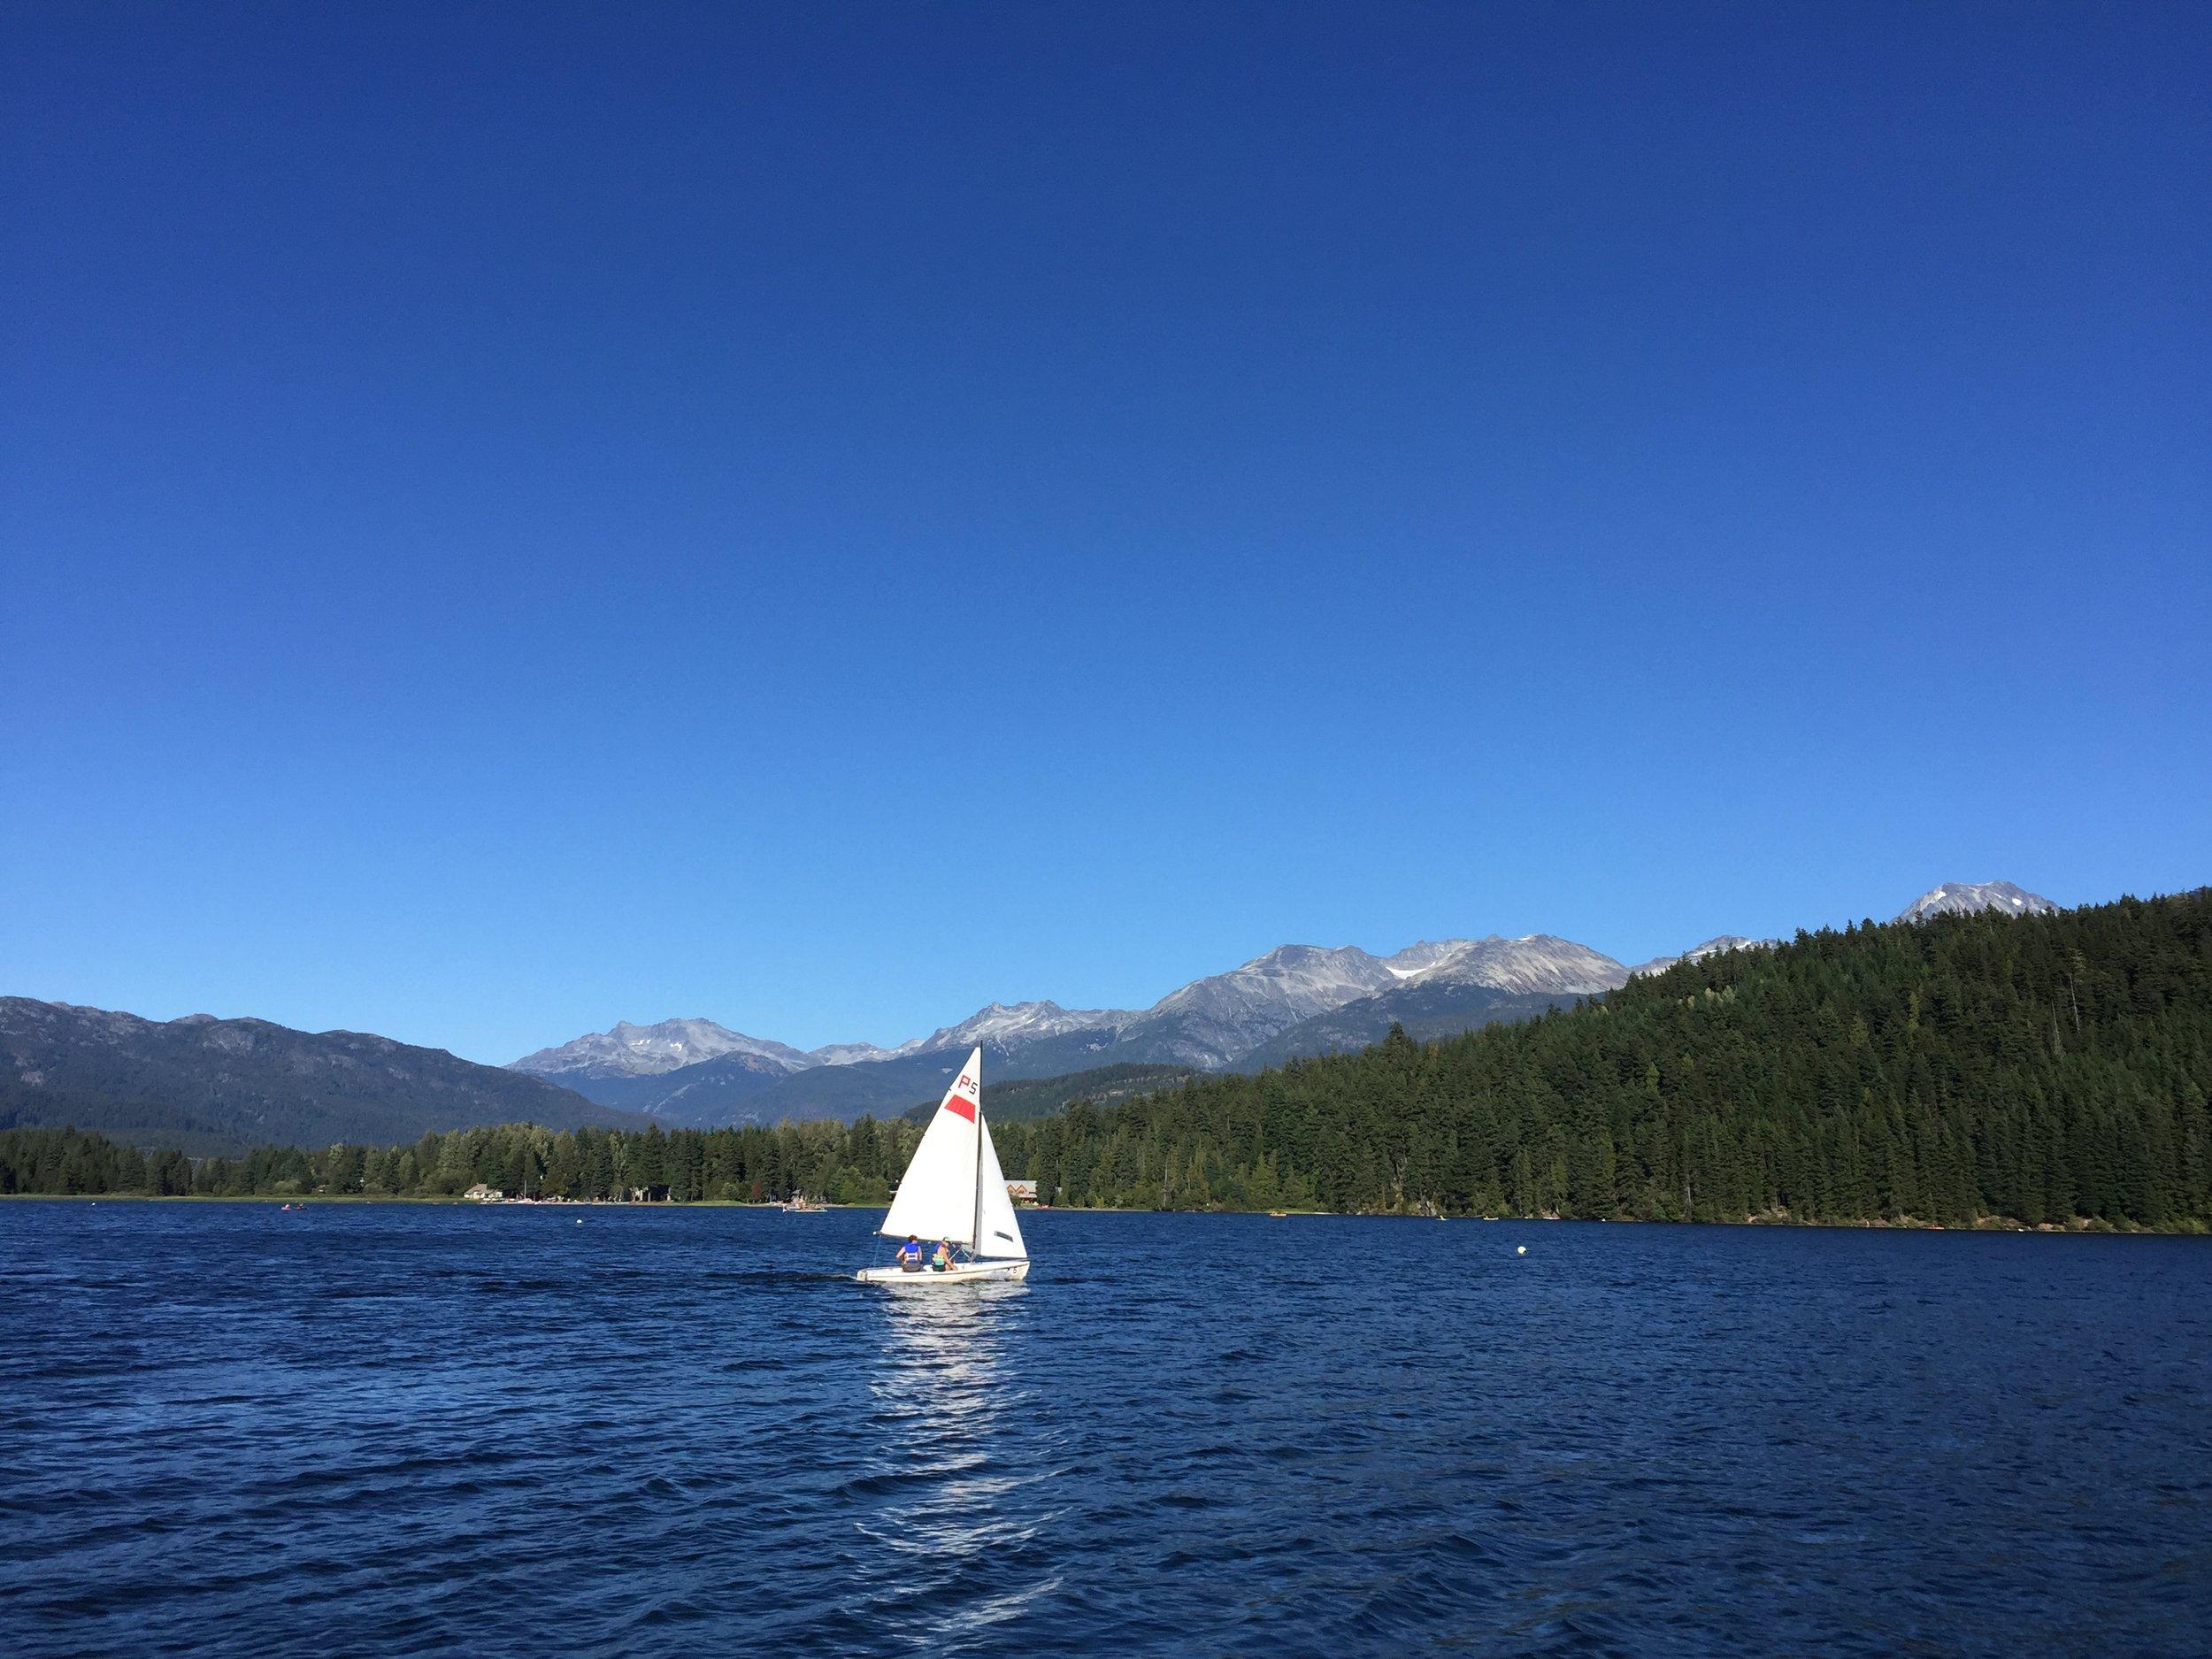 Recharding: Enjoying Alta lake between race days.